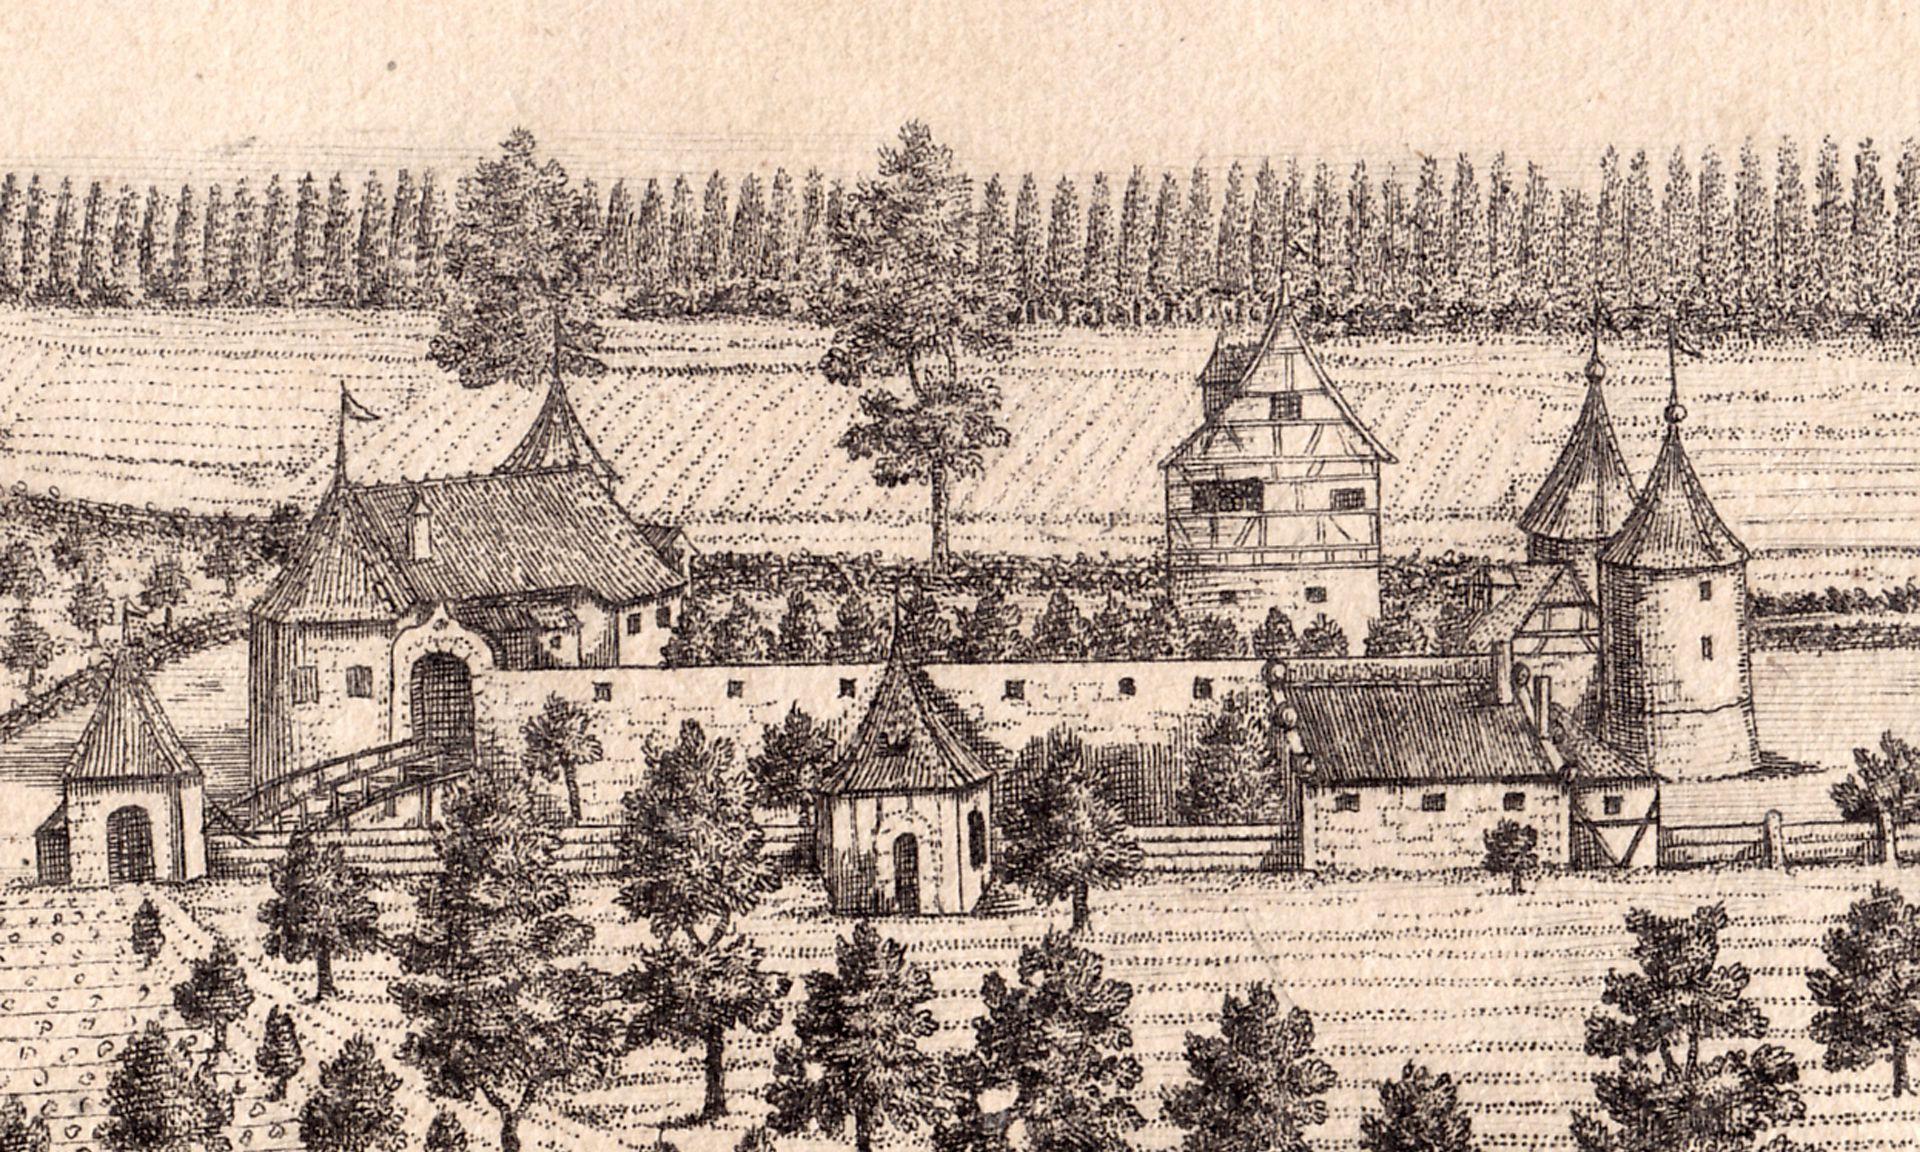 """""""Der innere Theil des Hummelsteins eine 1/4 St. von Nürnberg"""" Detail mit Schloß"""